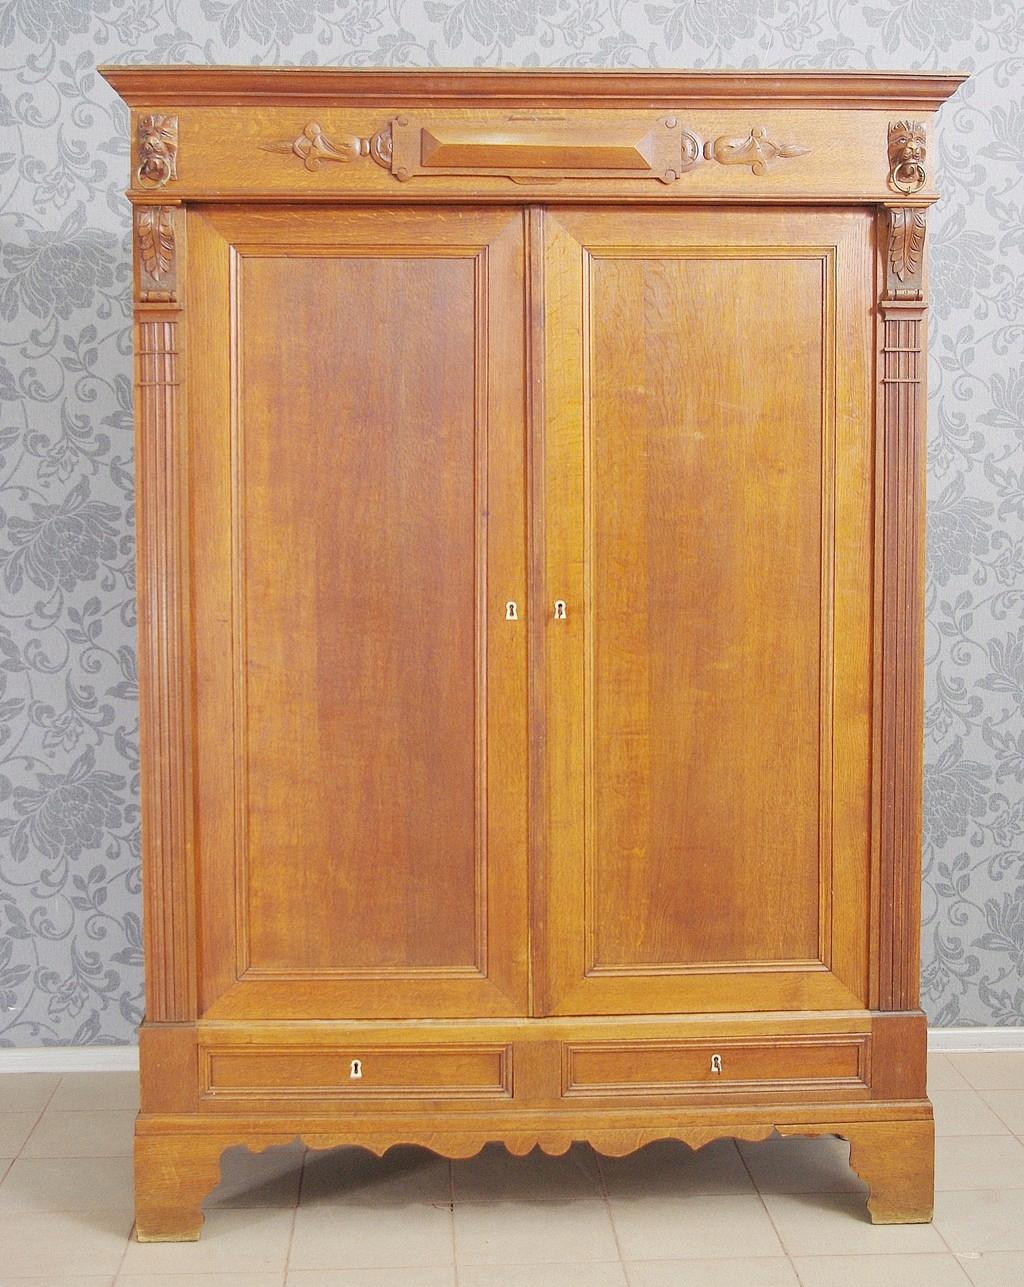 Szafa drewniana dębowa duża stara 6197